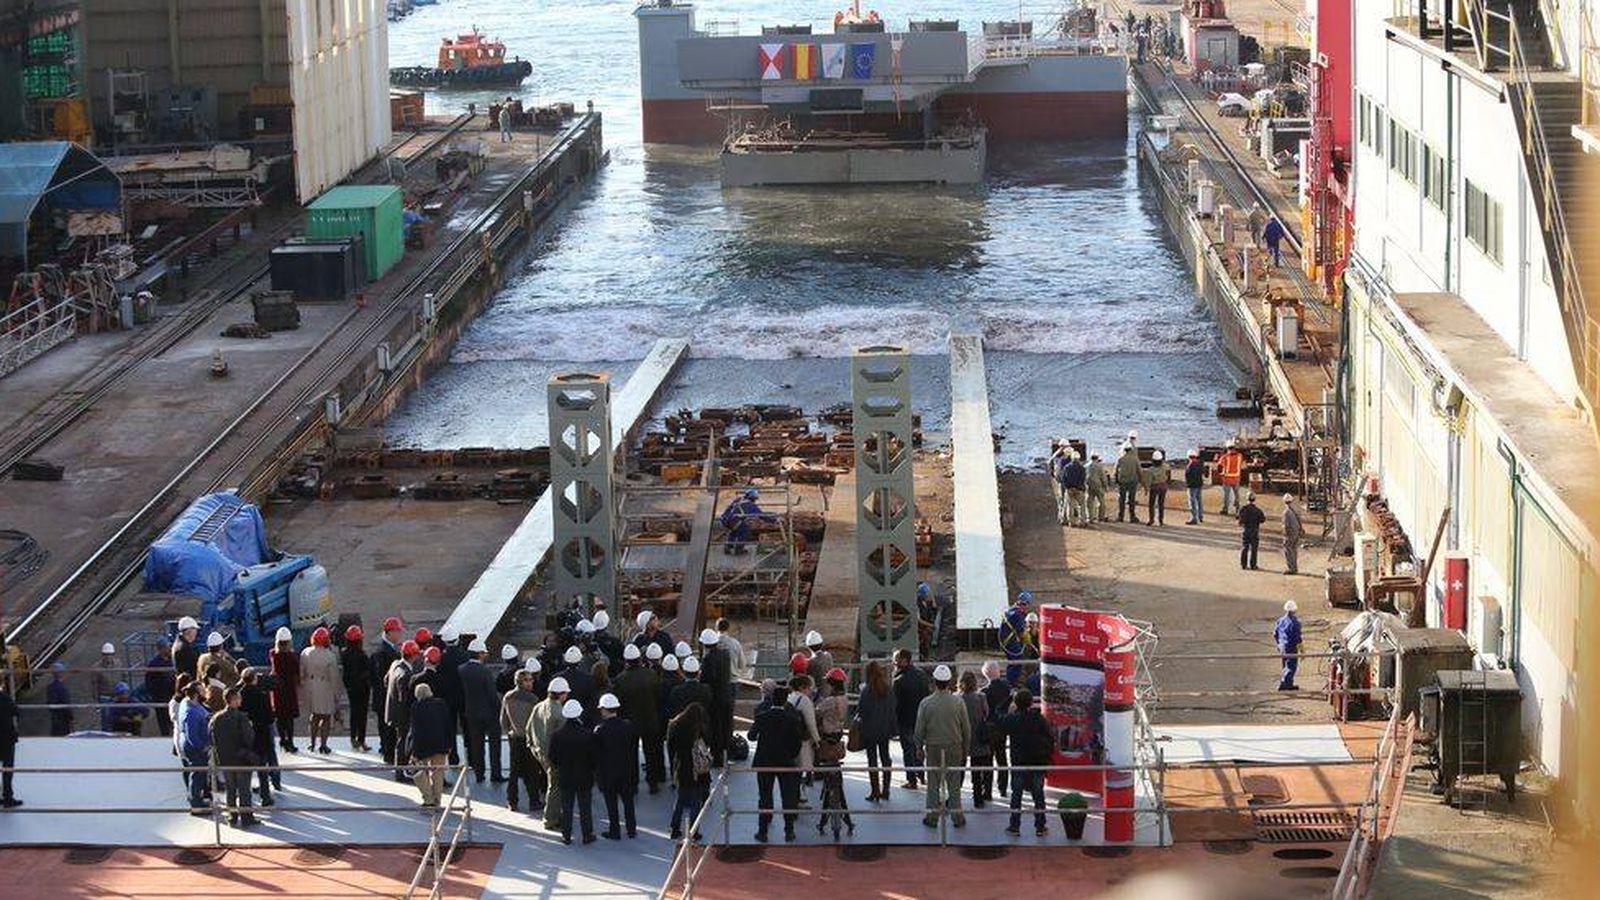 Foto: Factorías Vulcano en el Puerto de Vigo. (Foto: Factorías Vulcano)